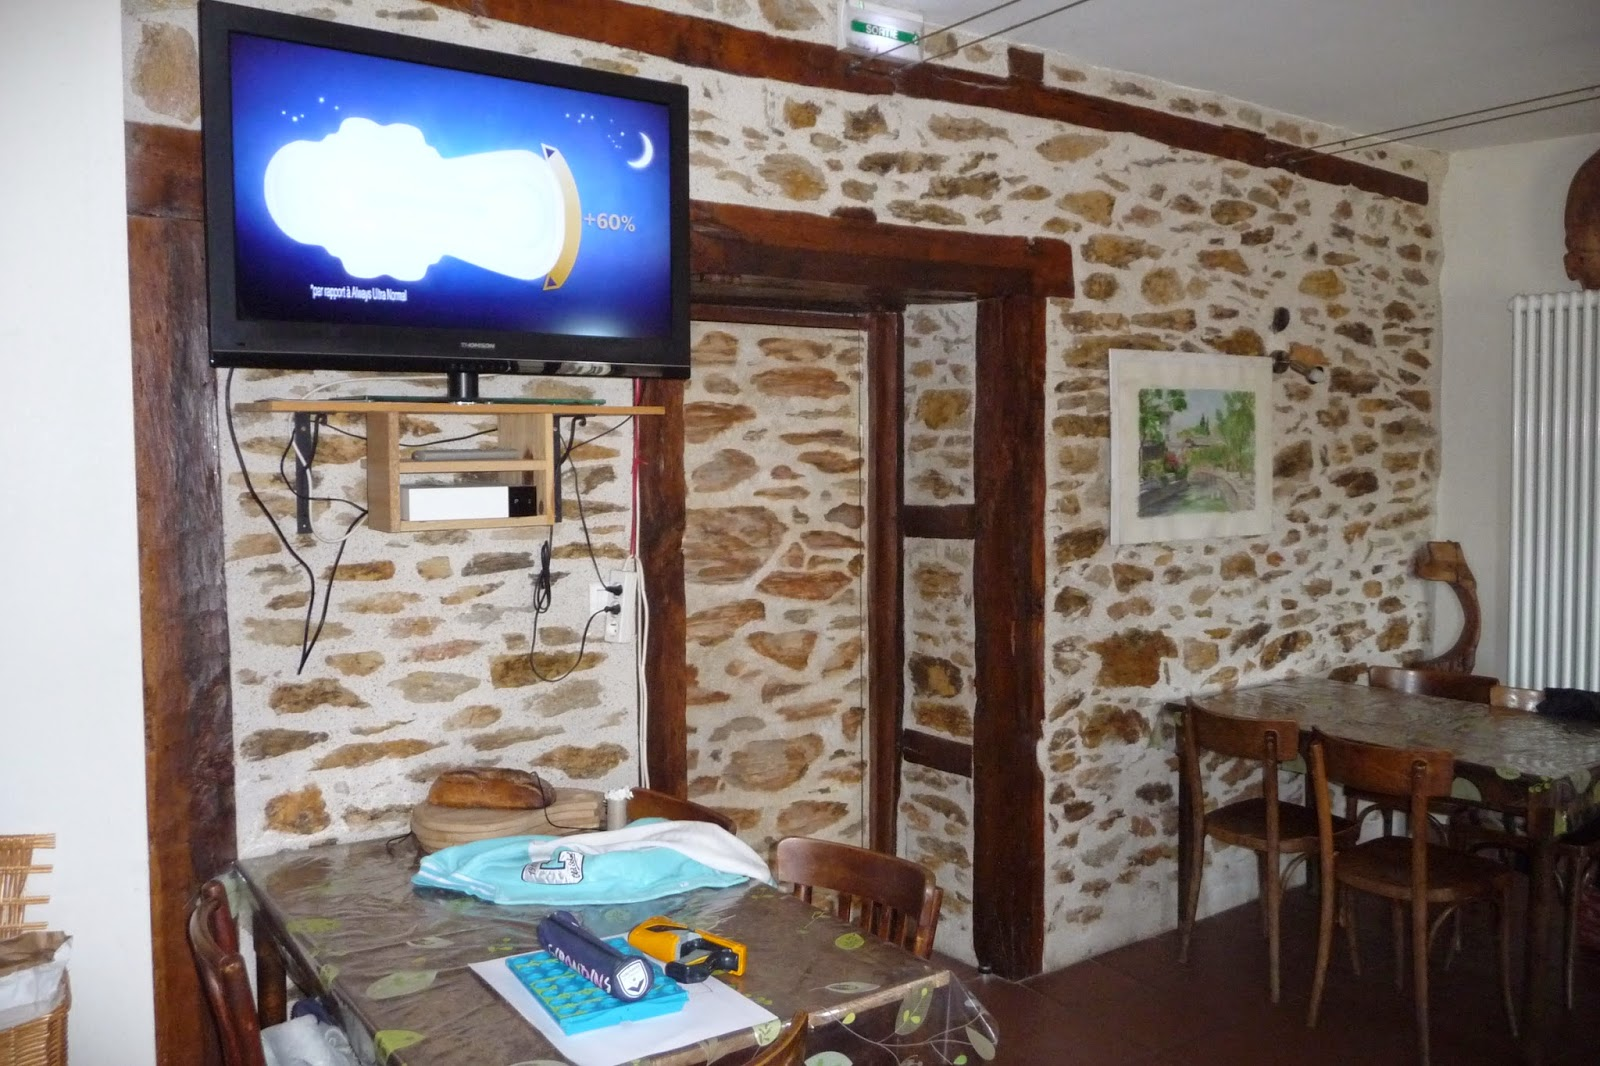 Peintre en d cor porte en faux appareillage rustique for Decoration fausse porte